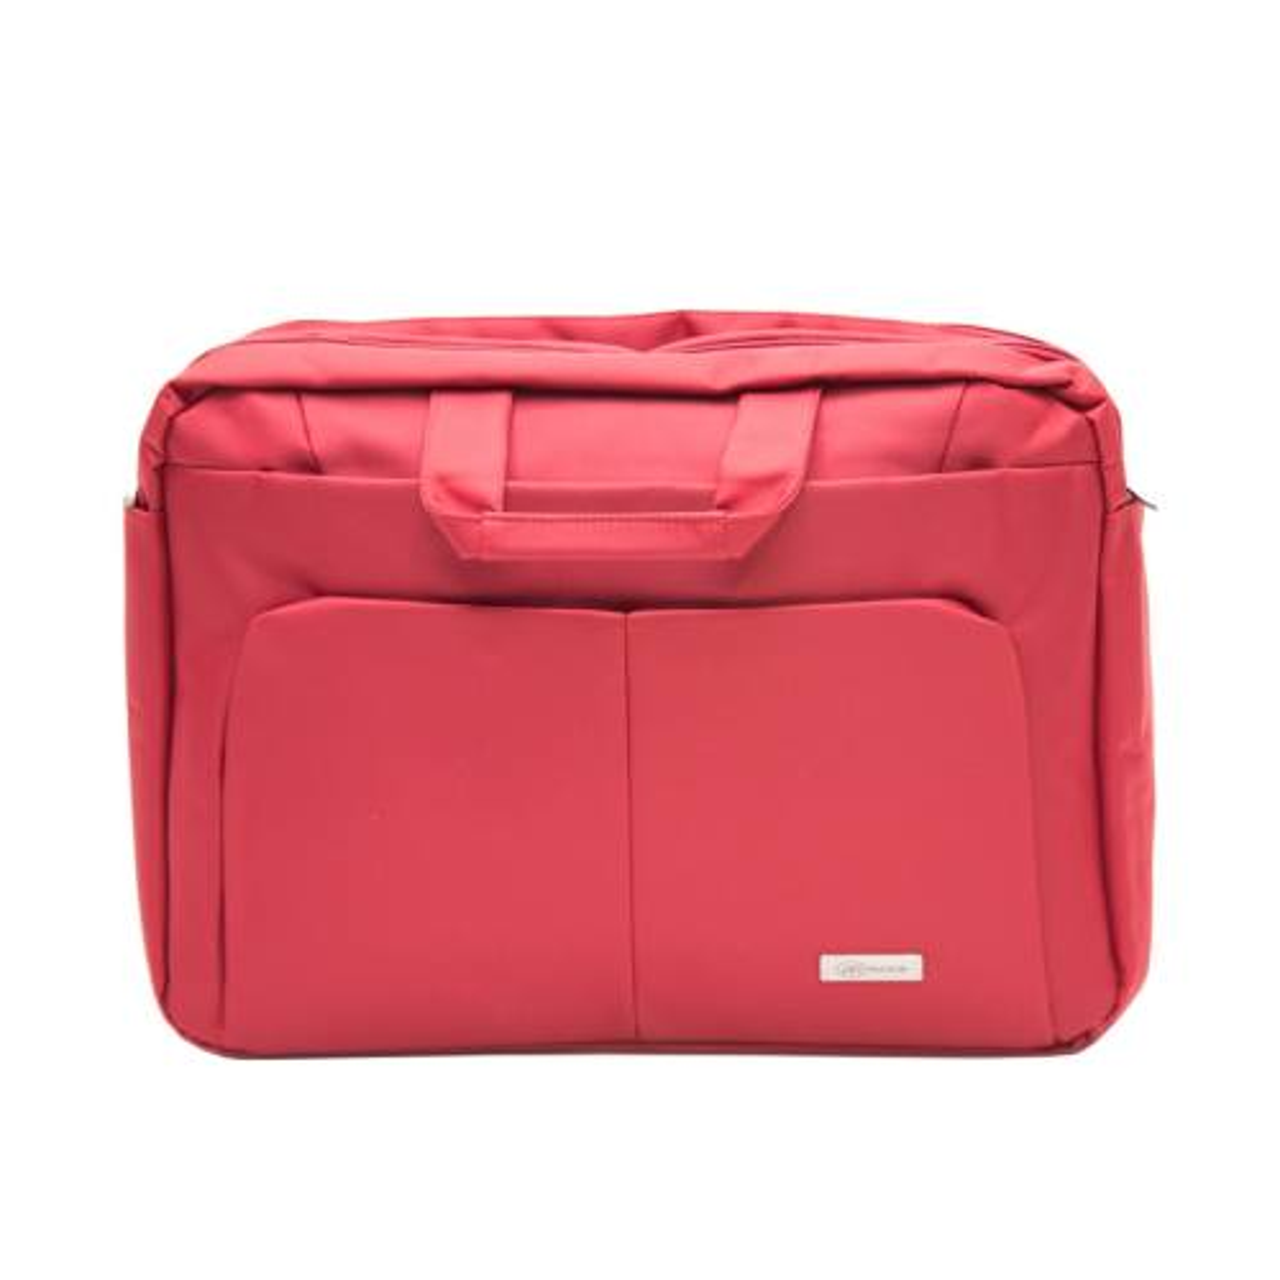 کیف لپ تاپ نو آکسیا مدل NUO 2 مناسب برای لپ تاپ 17 اینچی